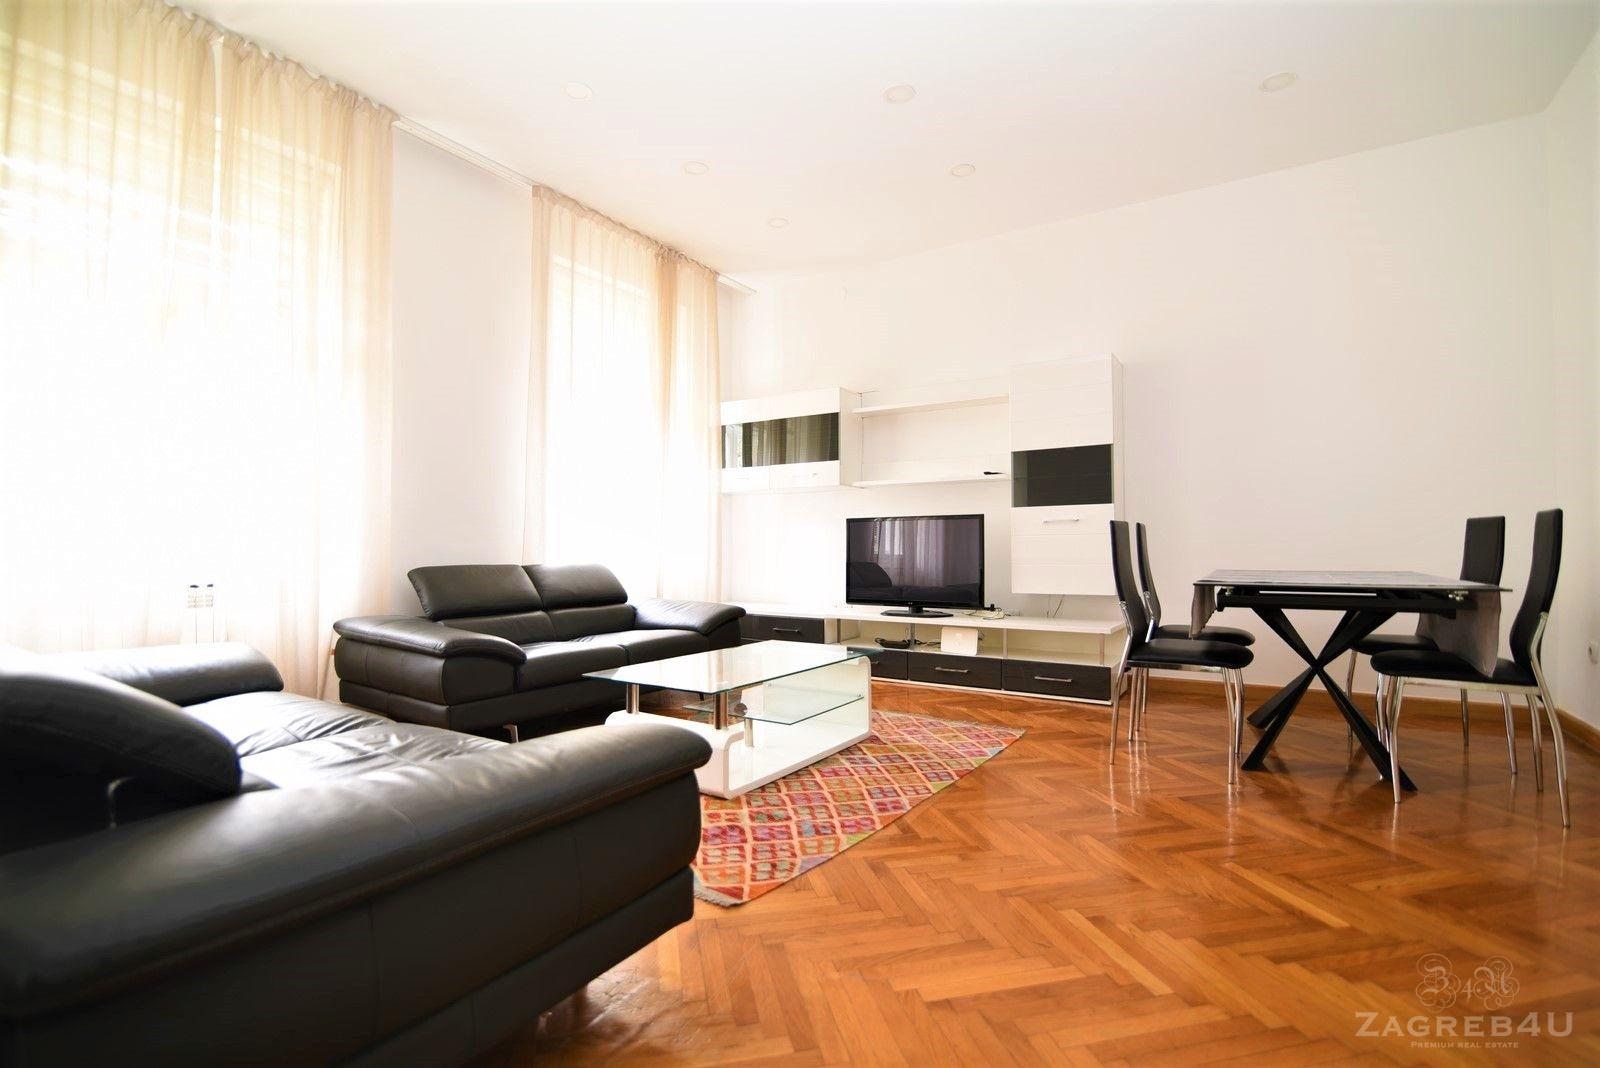 Zagreb - Centar - 3-sobni stan za najam (81 m2) - Krešimirov trg